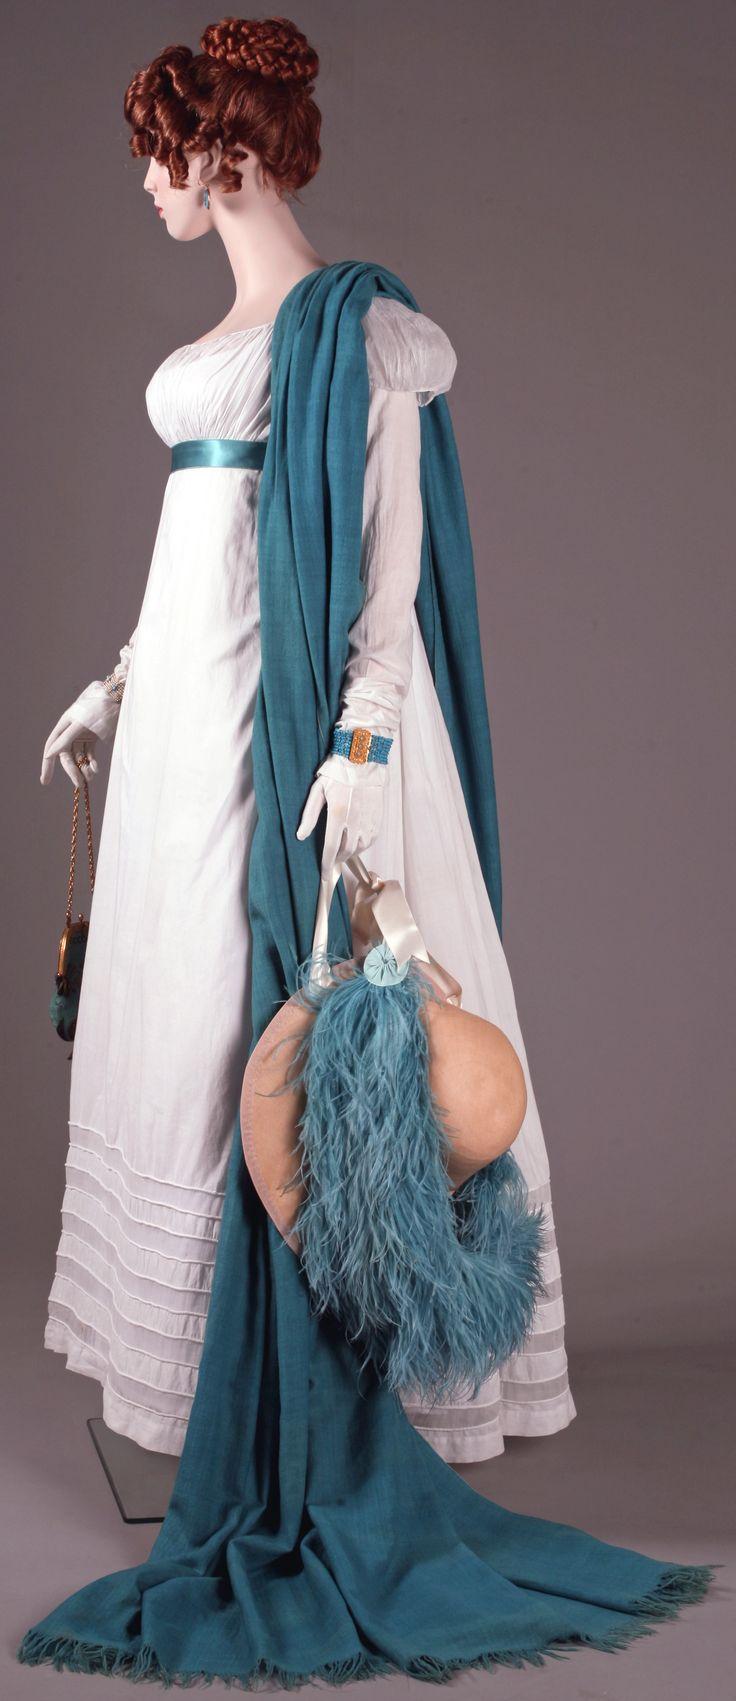 """ANNETTE. Vestido de algodón percal confeccionado en Francia o Inglaterra en 1814-15. Chal de Cashemira inglés del primer cuarto del XIX. Joyas de oro y turquesa y micromosaico. De la muestra """"Napoleon and the Empire of Fashion"""". #NapoleonFashion"""